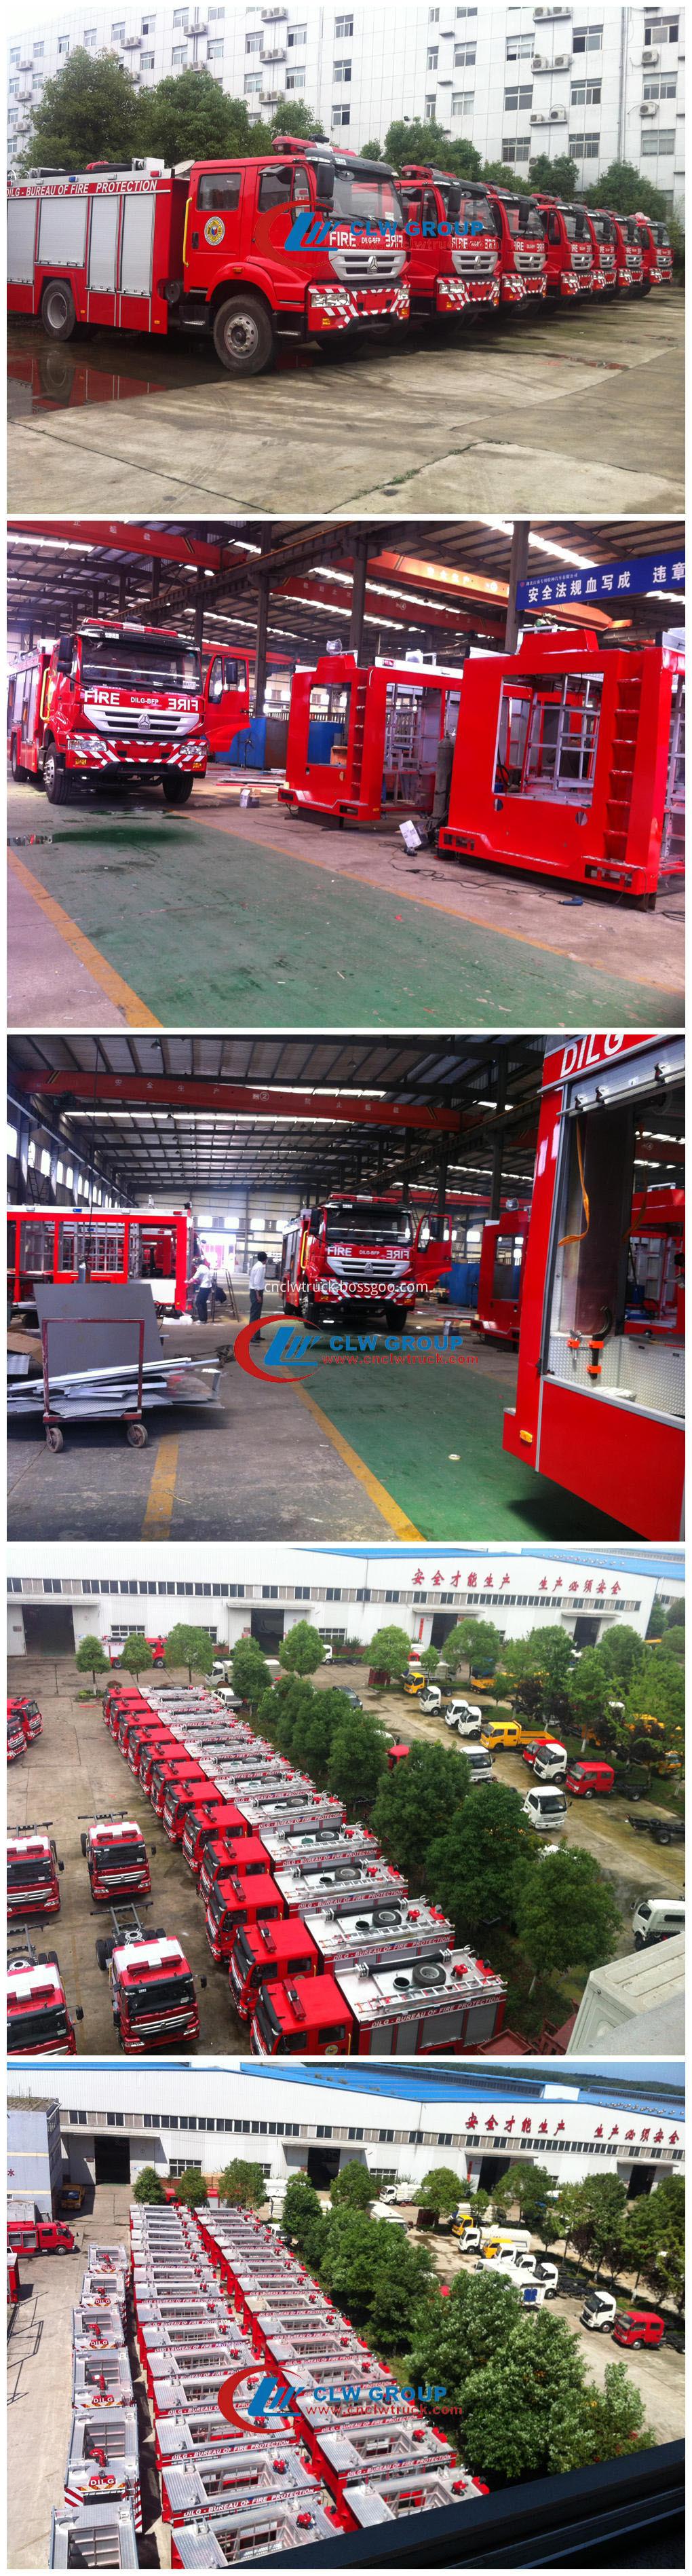 fire truck manufacturing